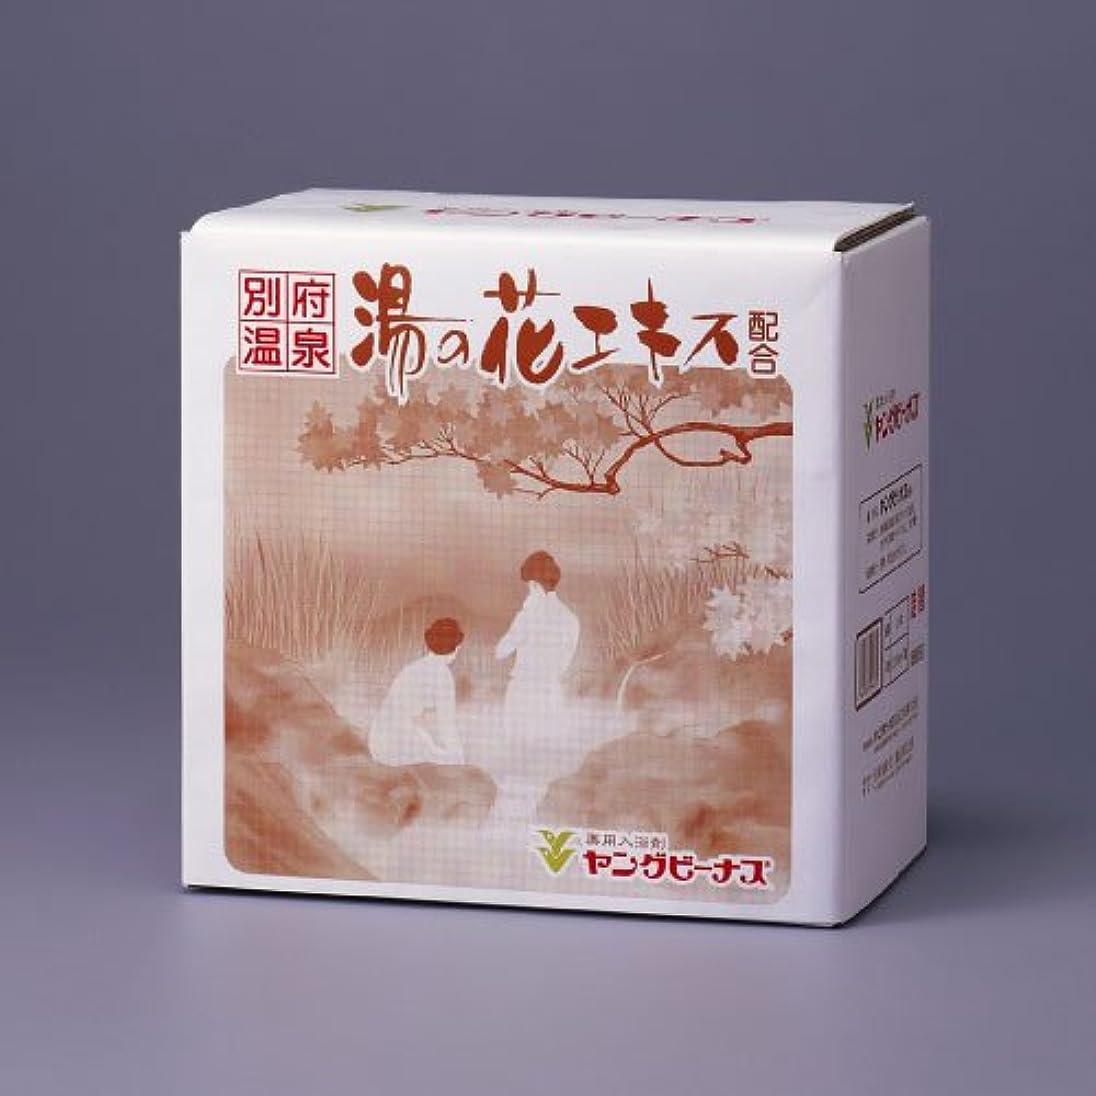 政治家とまり木妻薬用入浴剤ヤングビーナスSv C-60【5.6kg】(詰替2.8kg2袋) [医薬部外品]